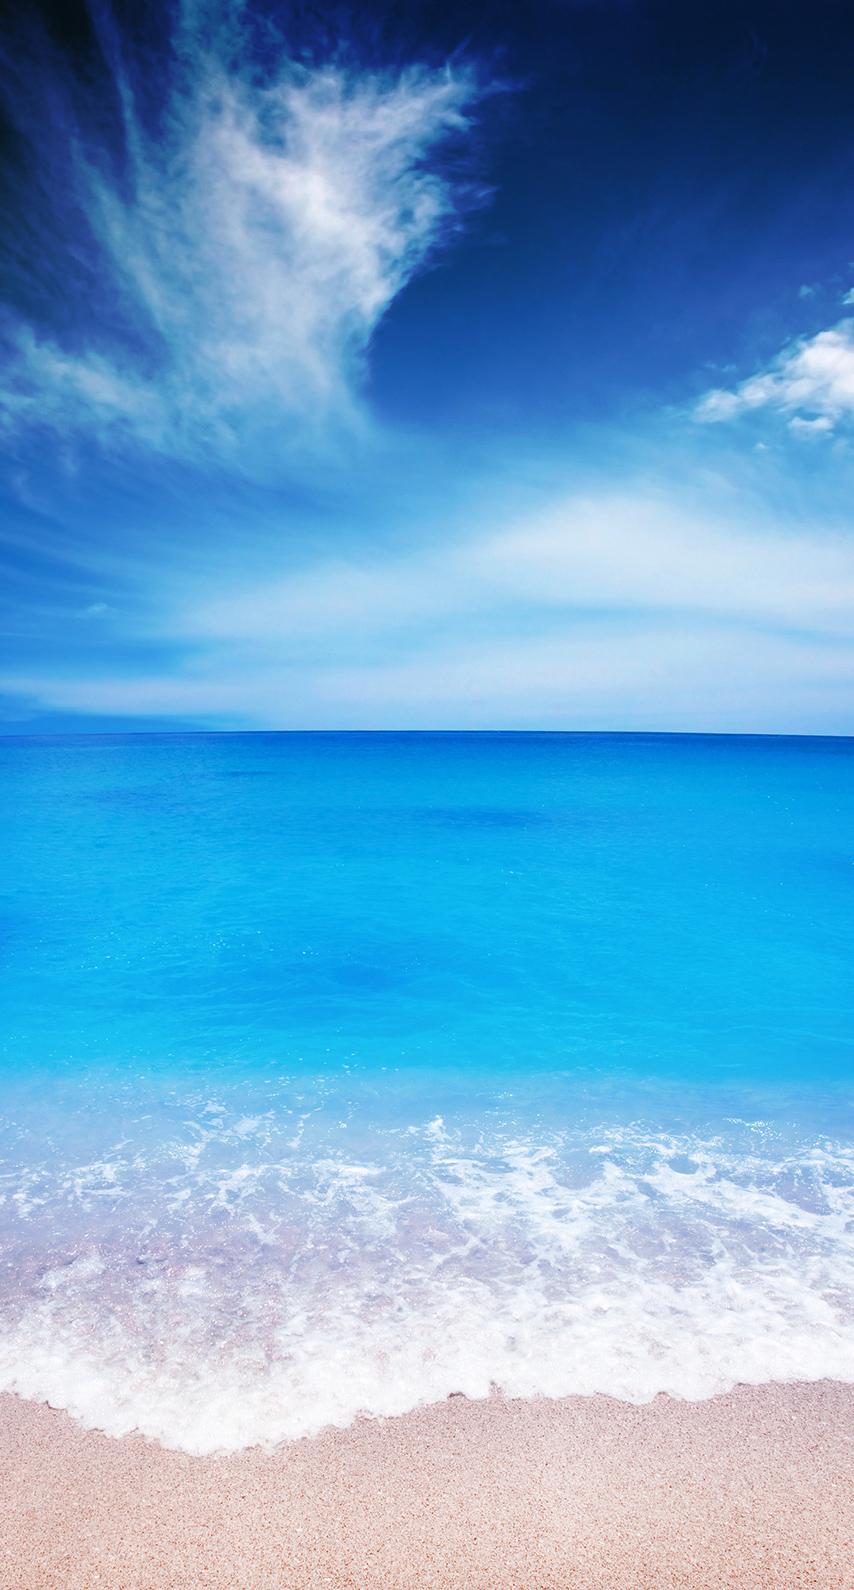 sky, beach